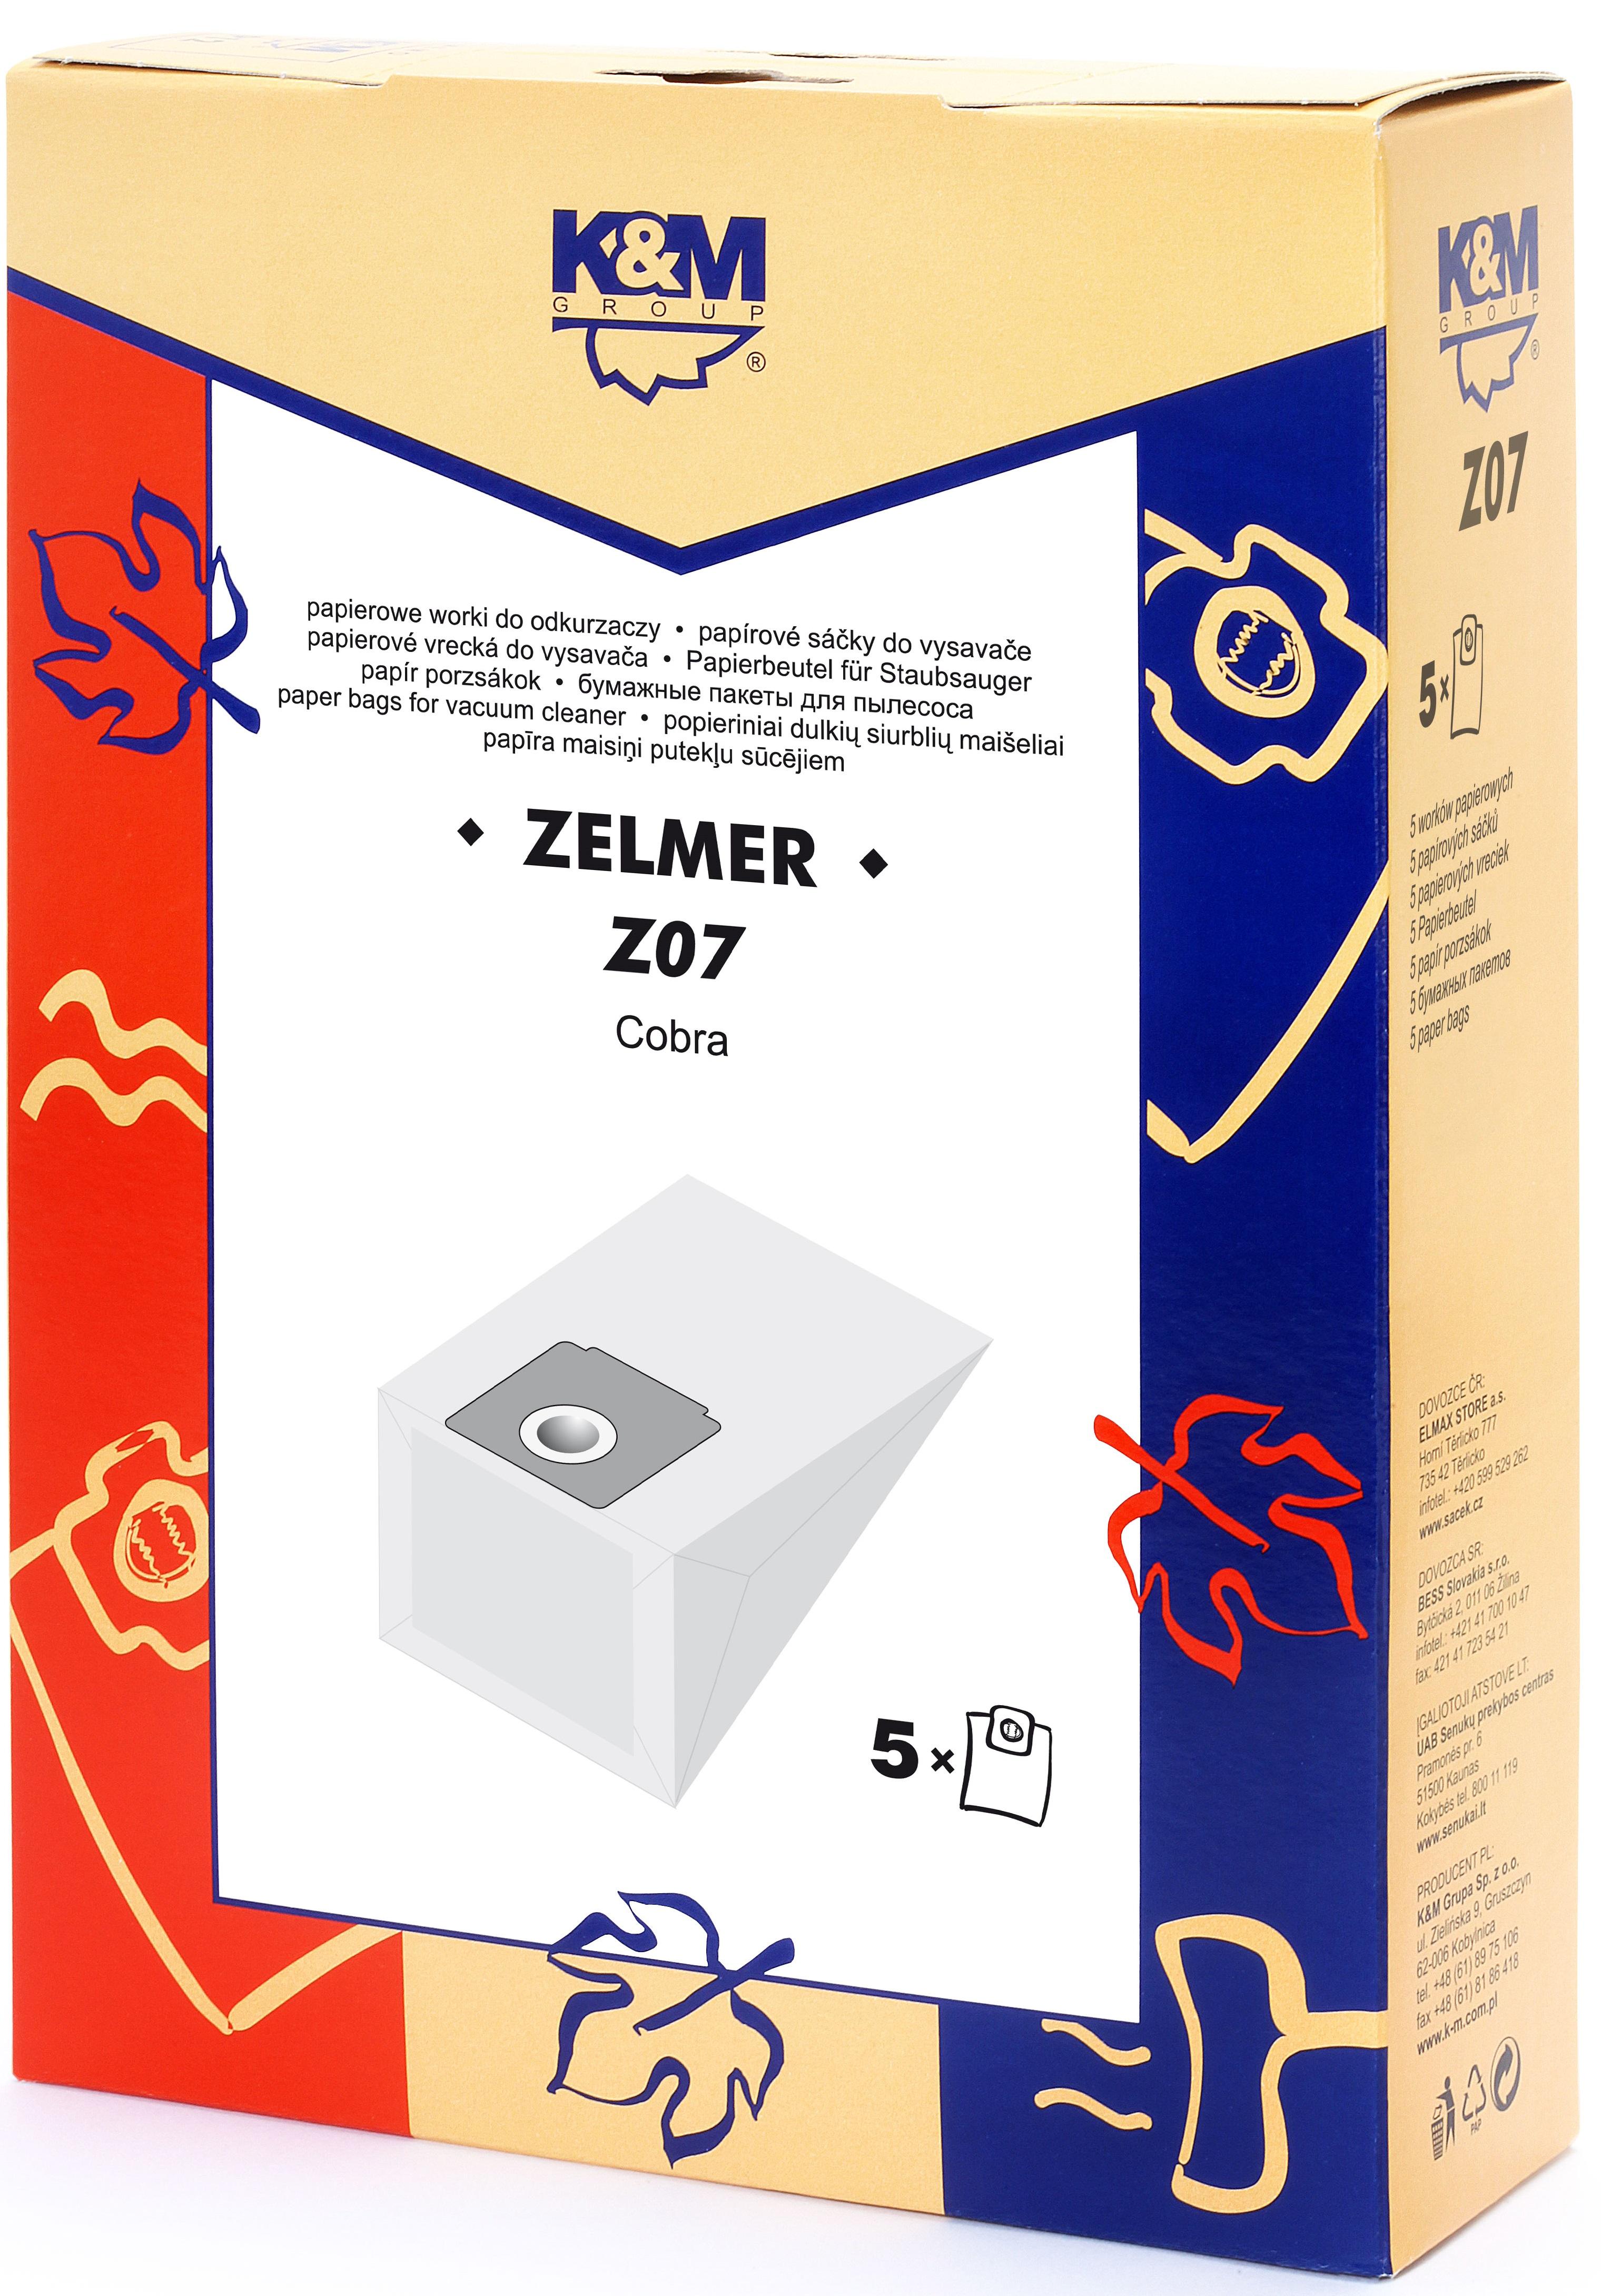 Sac aspirator Zelmer 2000, hartie, 5X saci, KM